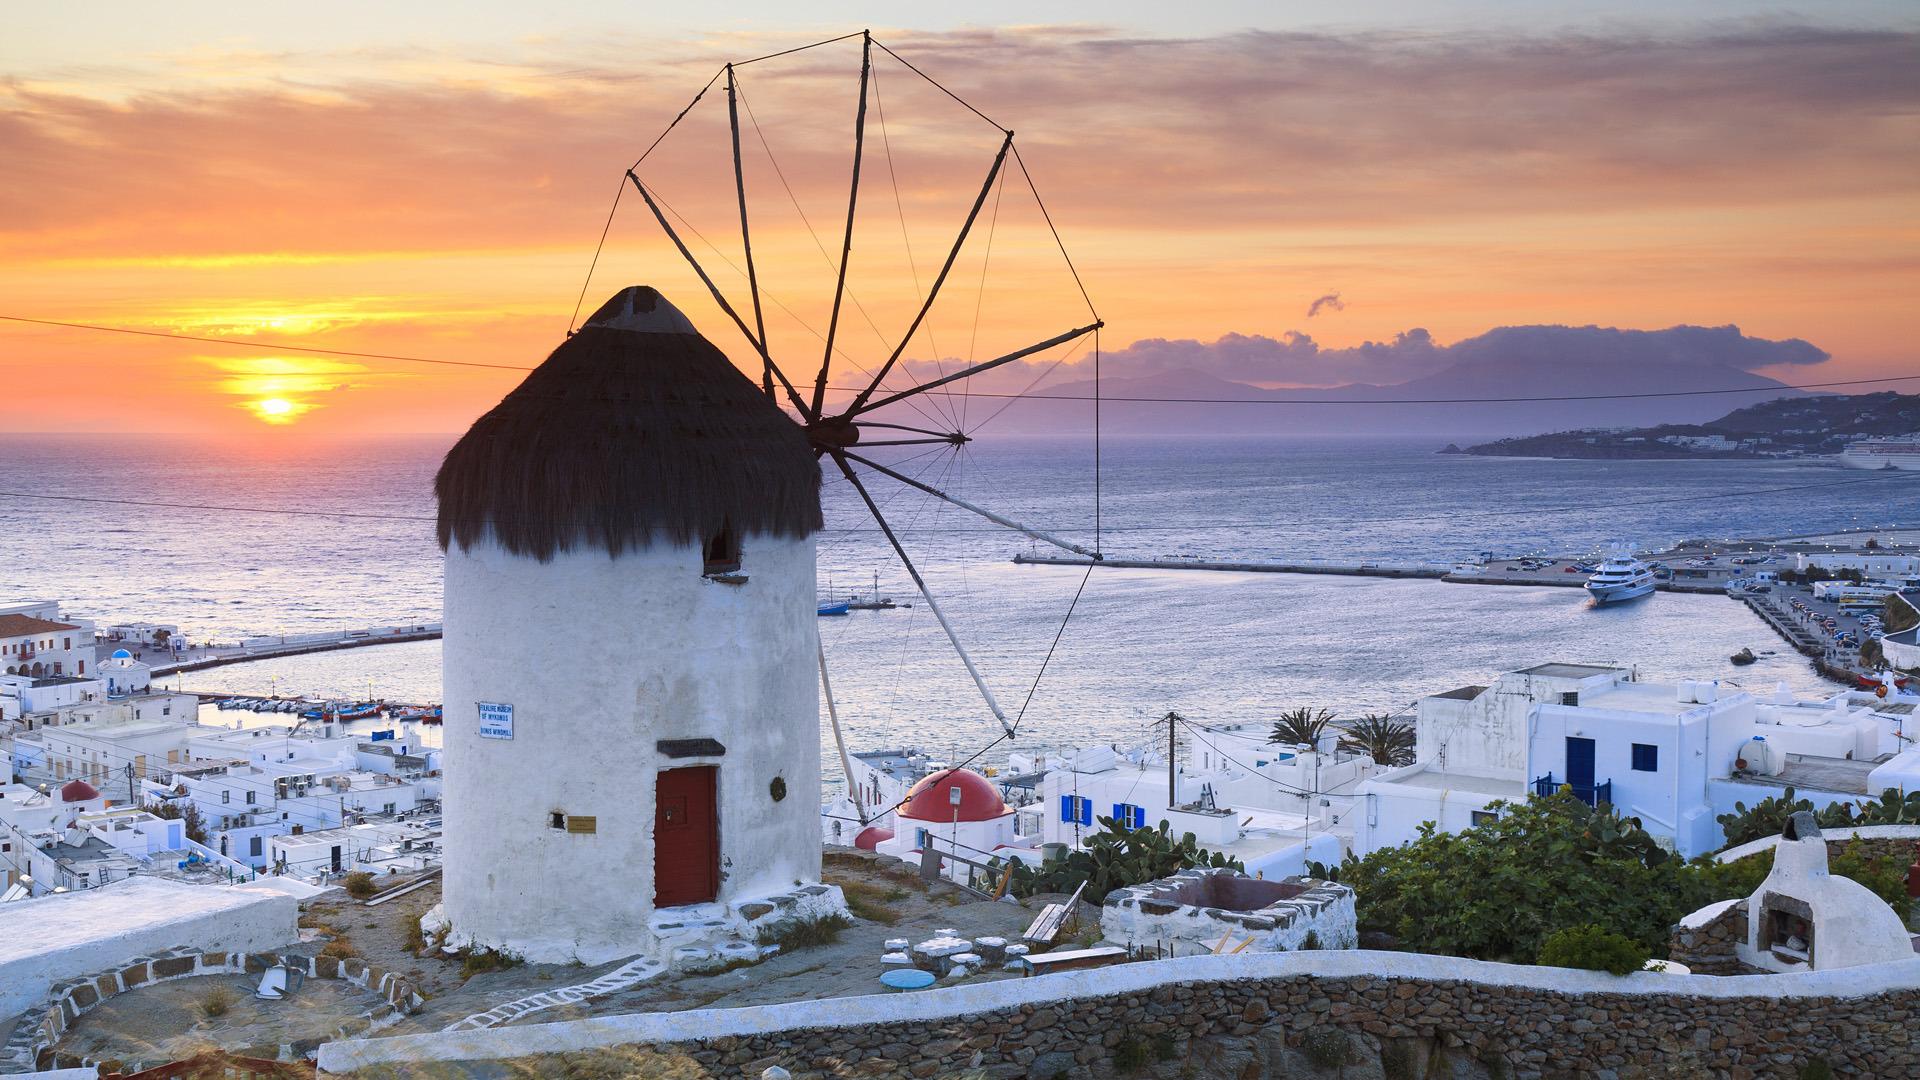 Alquiler de yates en Grecia. Alquiler de barcos en Grecia. Megatates de alquiler en Grecia